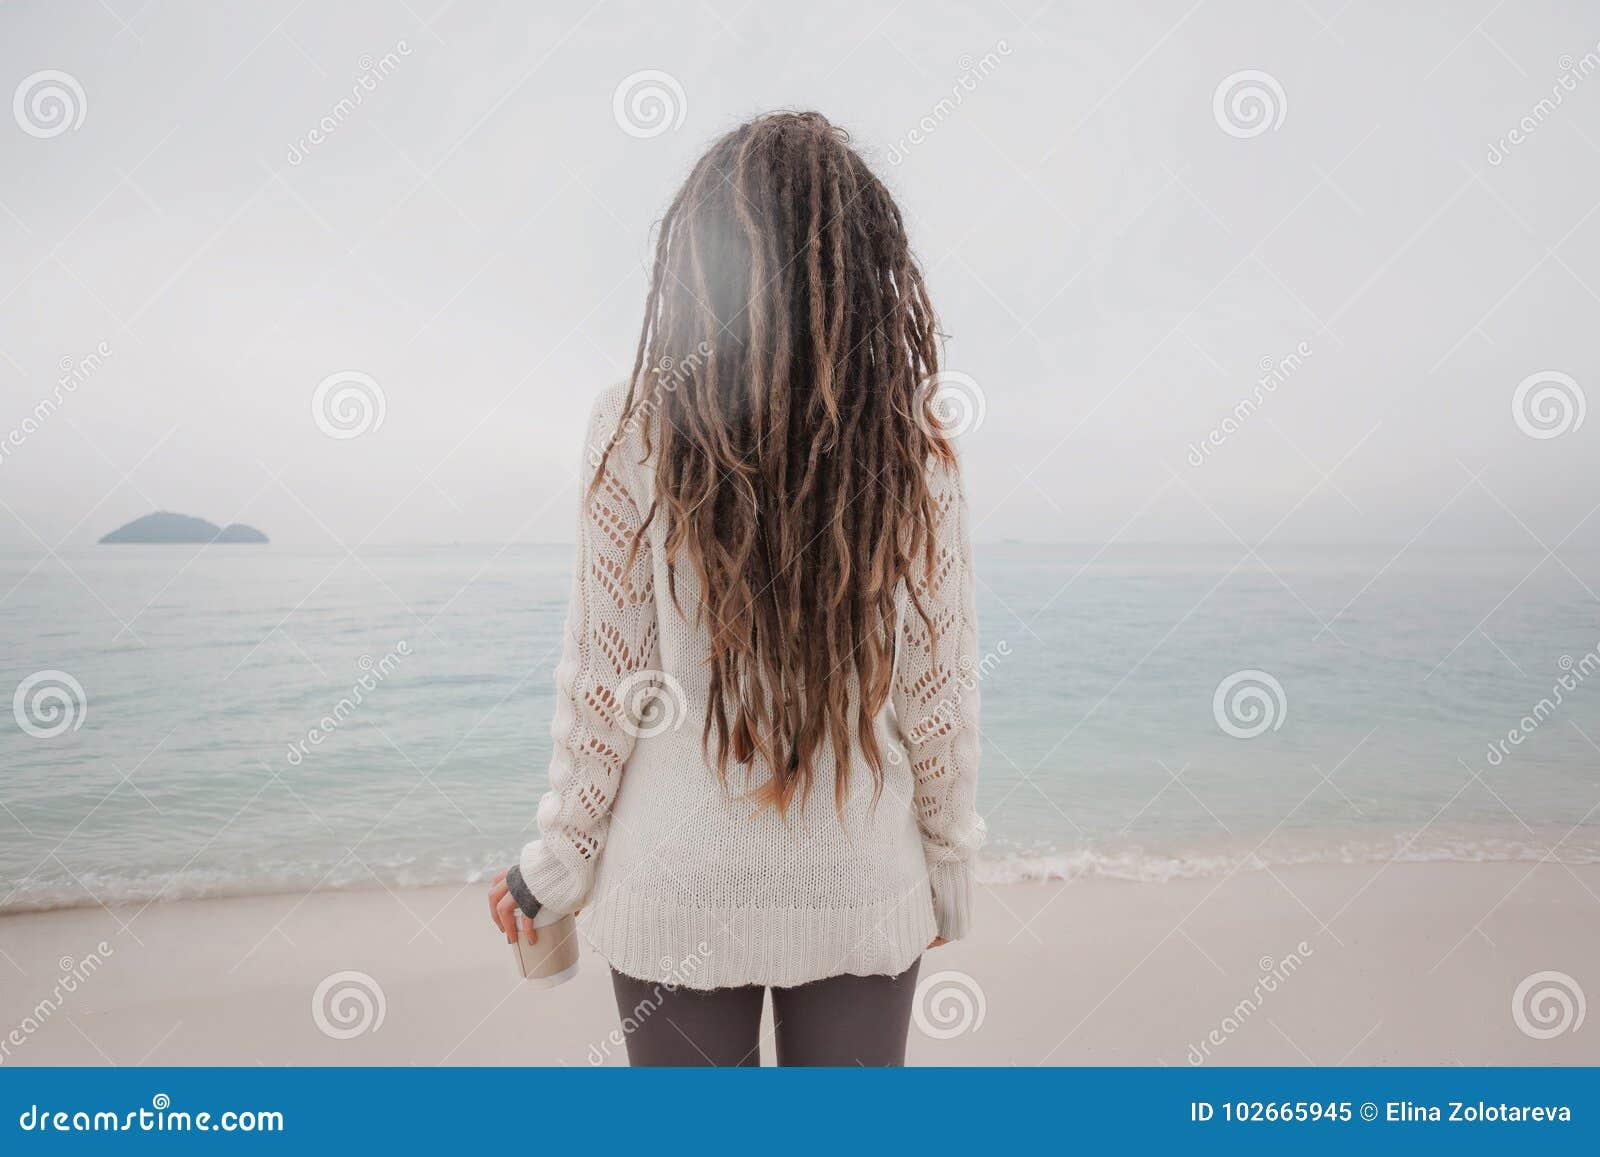 Η ελκυστική νέα γυναίκα στο πουλόβερ προσέχει τη γραμμή οριζόντων